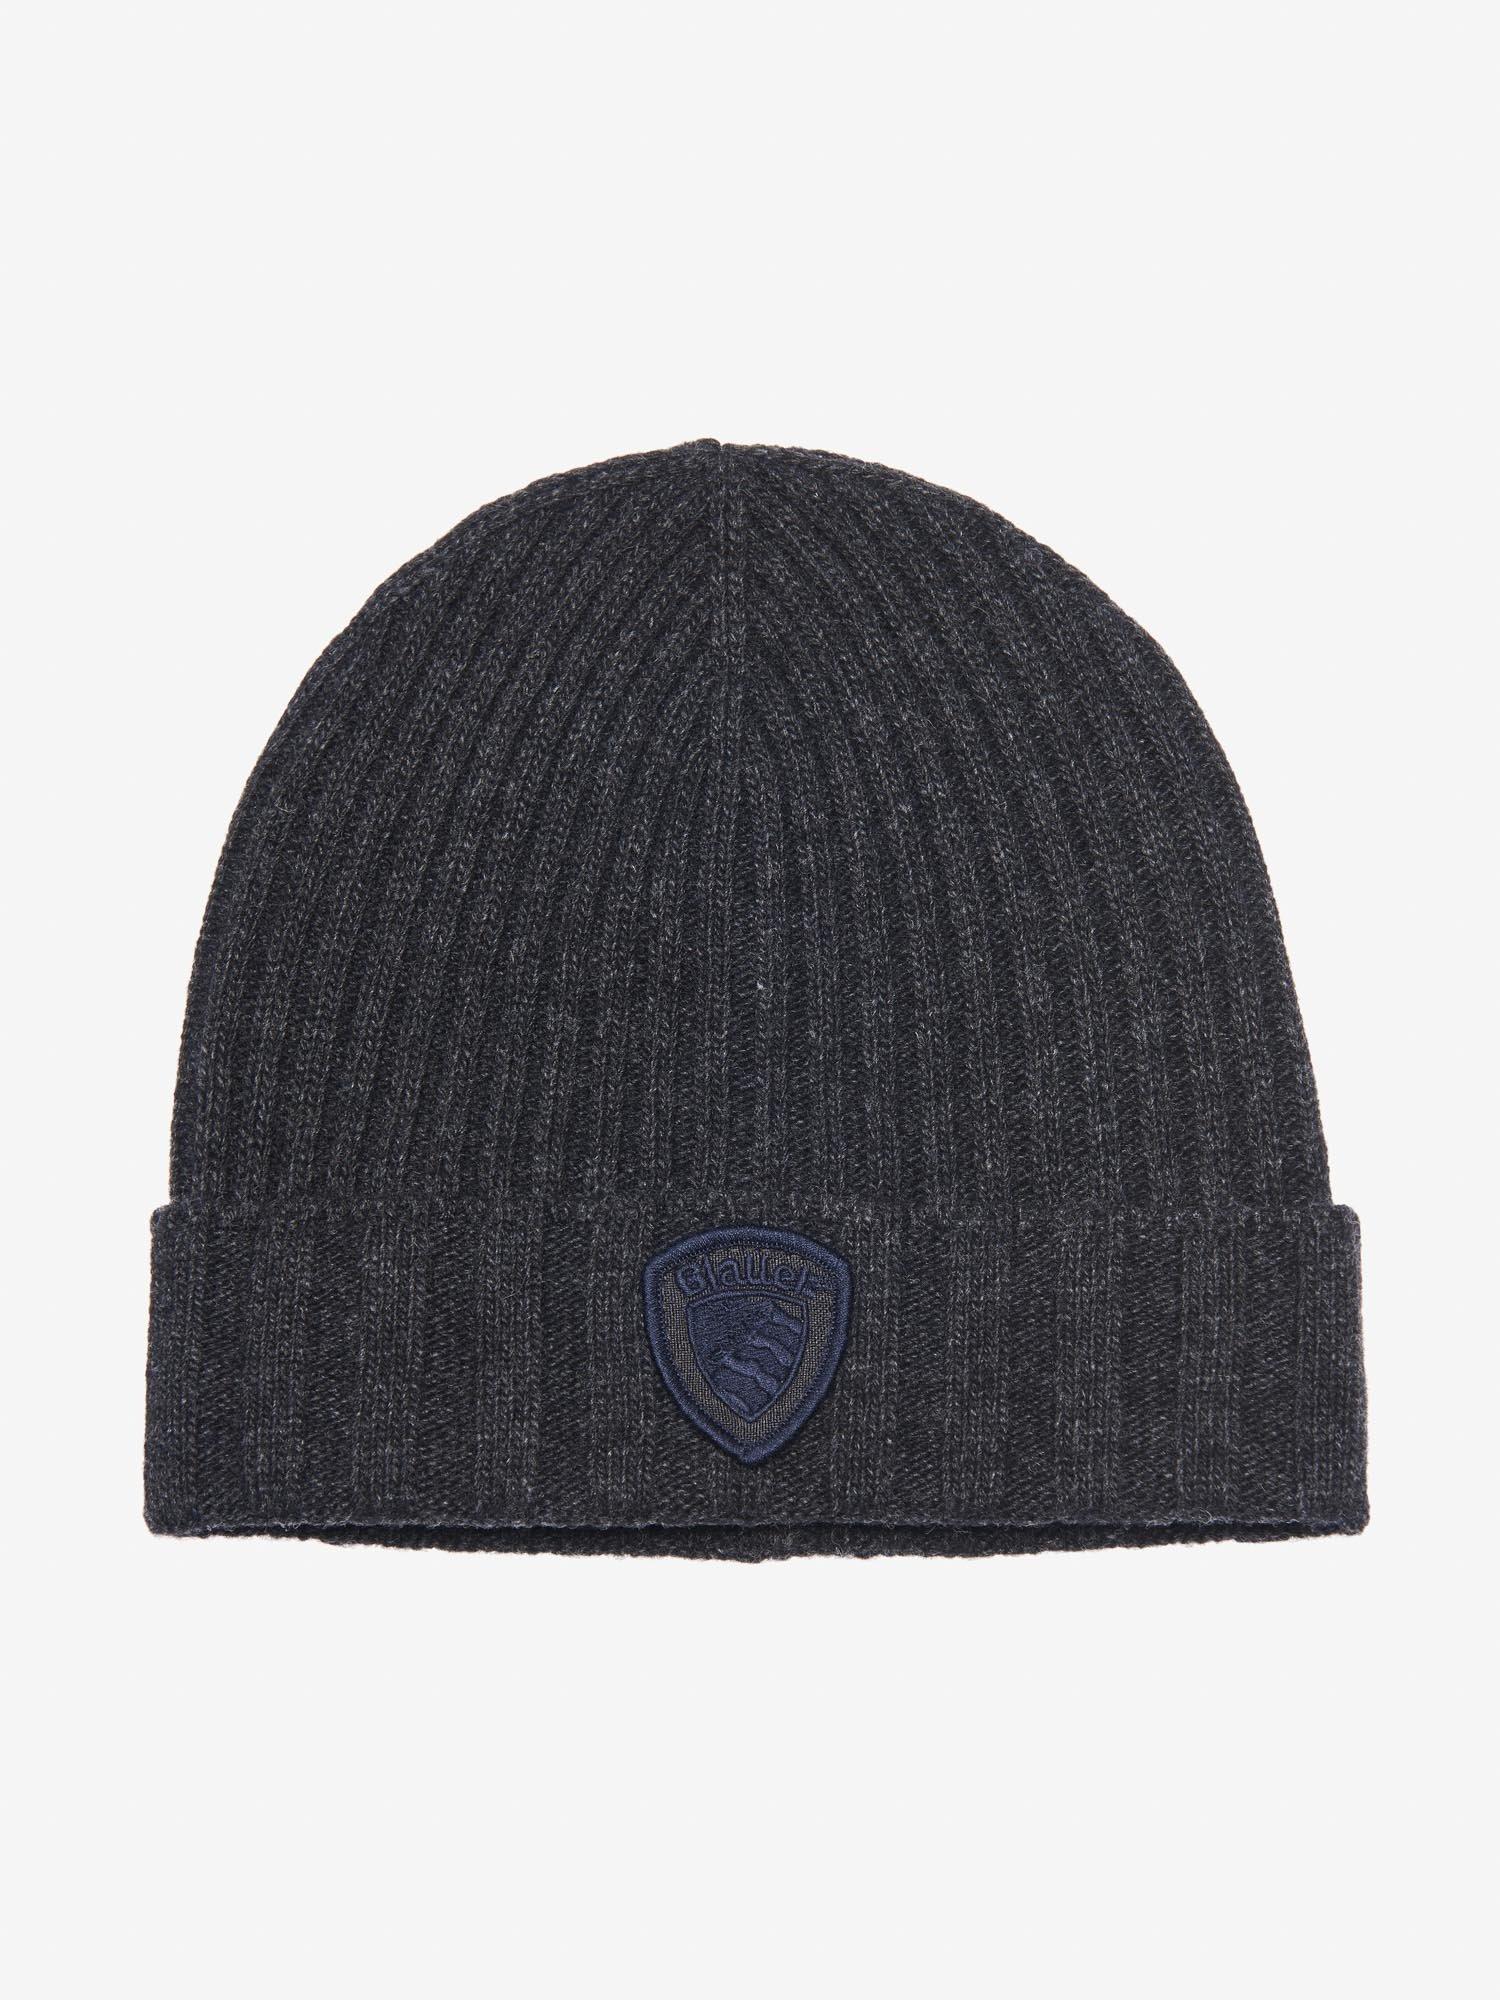 SAILOR CAP - Blauer